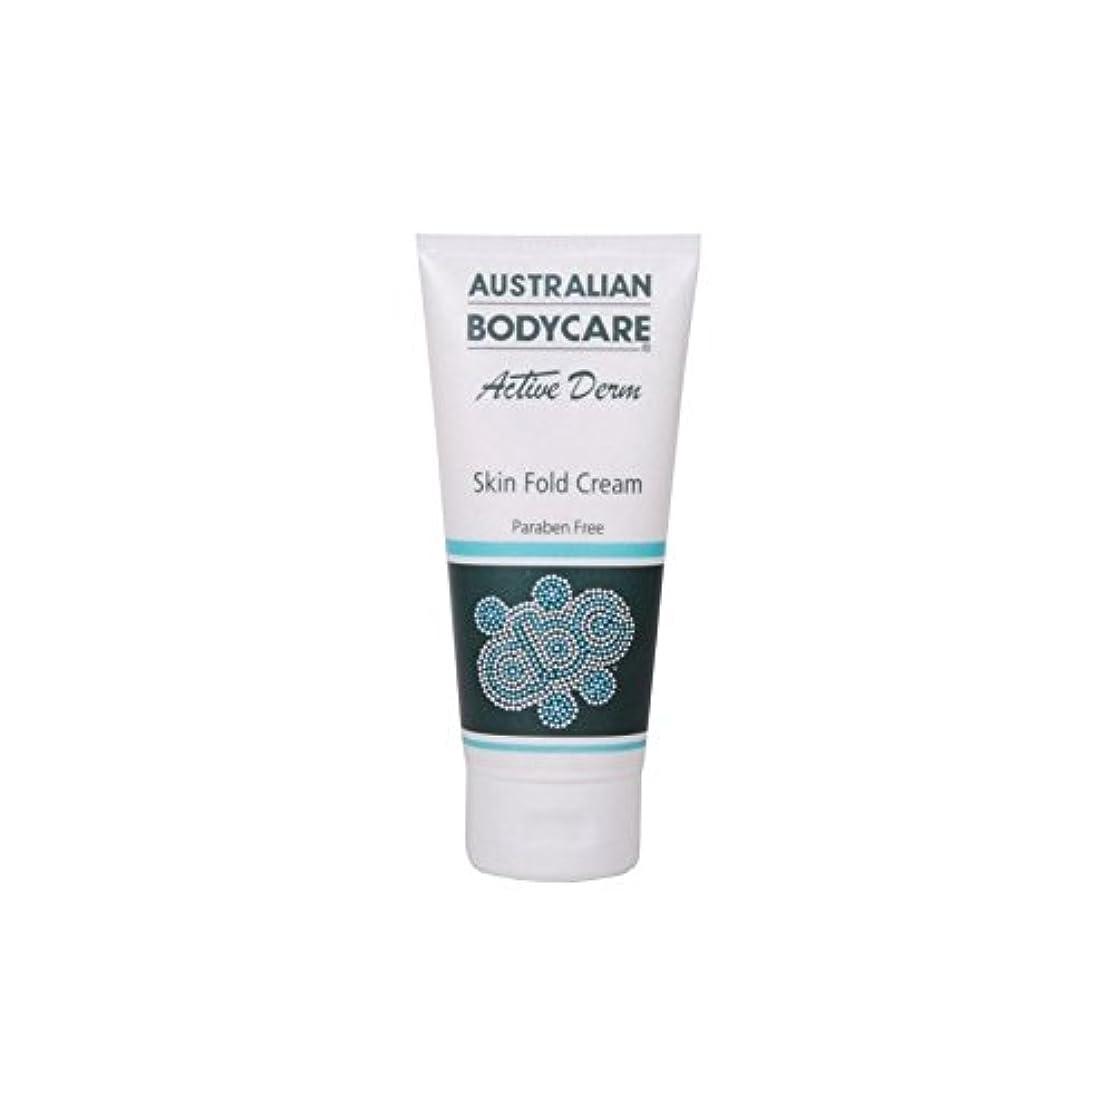 再生置くためにパック背骨Australian Bodycare Active Derm Skin Fold Cream (100ml) - オーストラリアのボディケアアクティブダーム皮膚のひだクリーム(100ミリリットル) [並行輸入品]